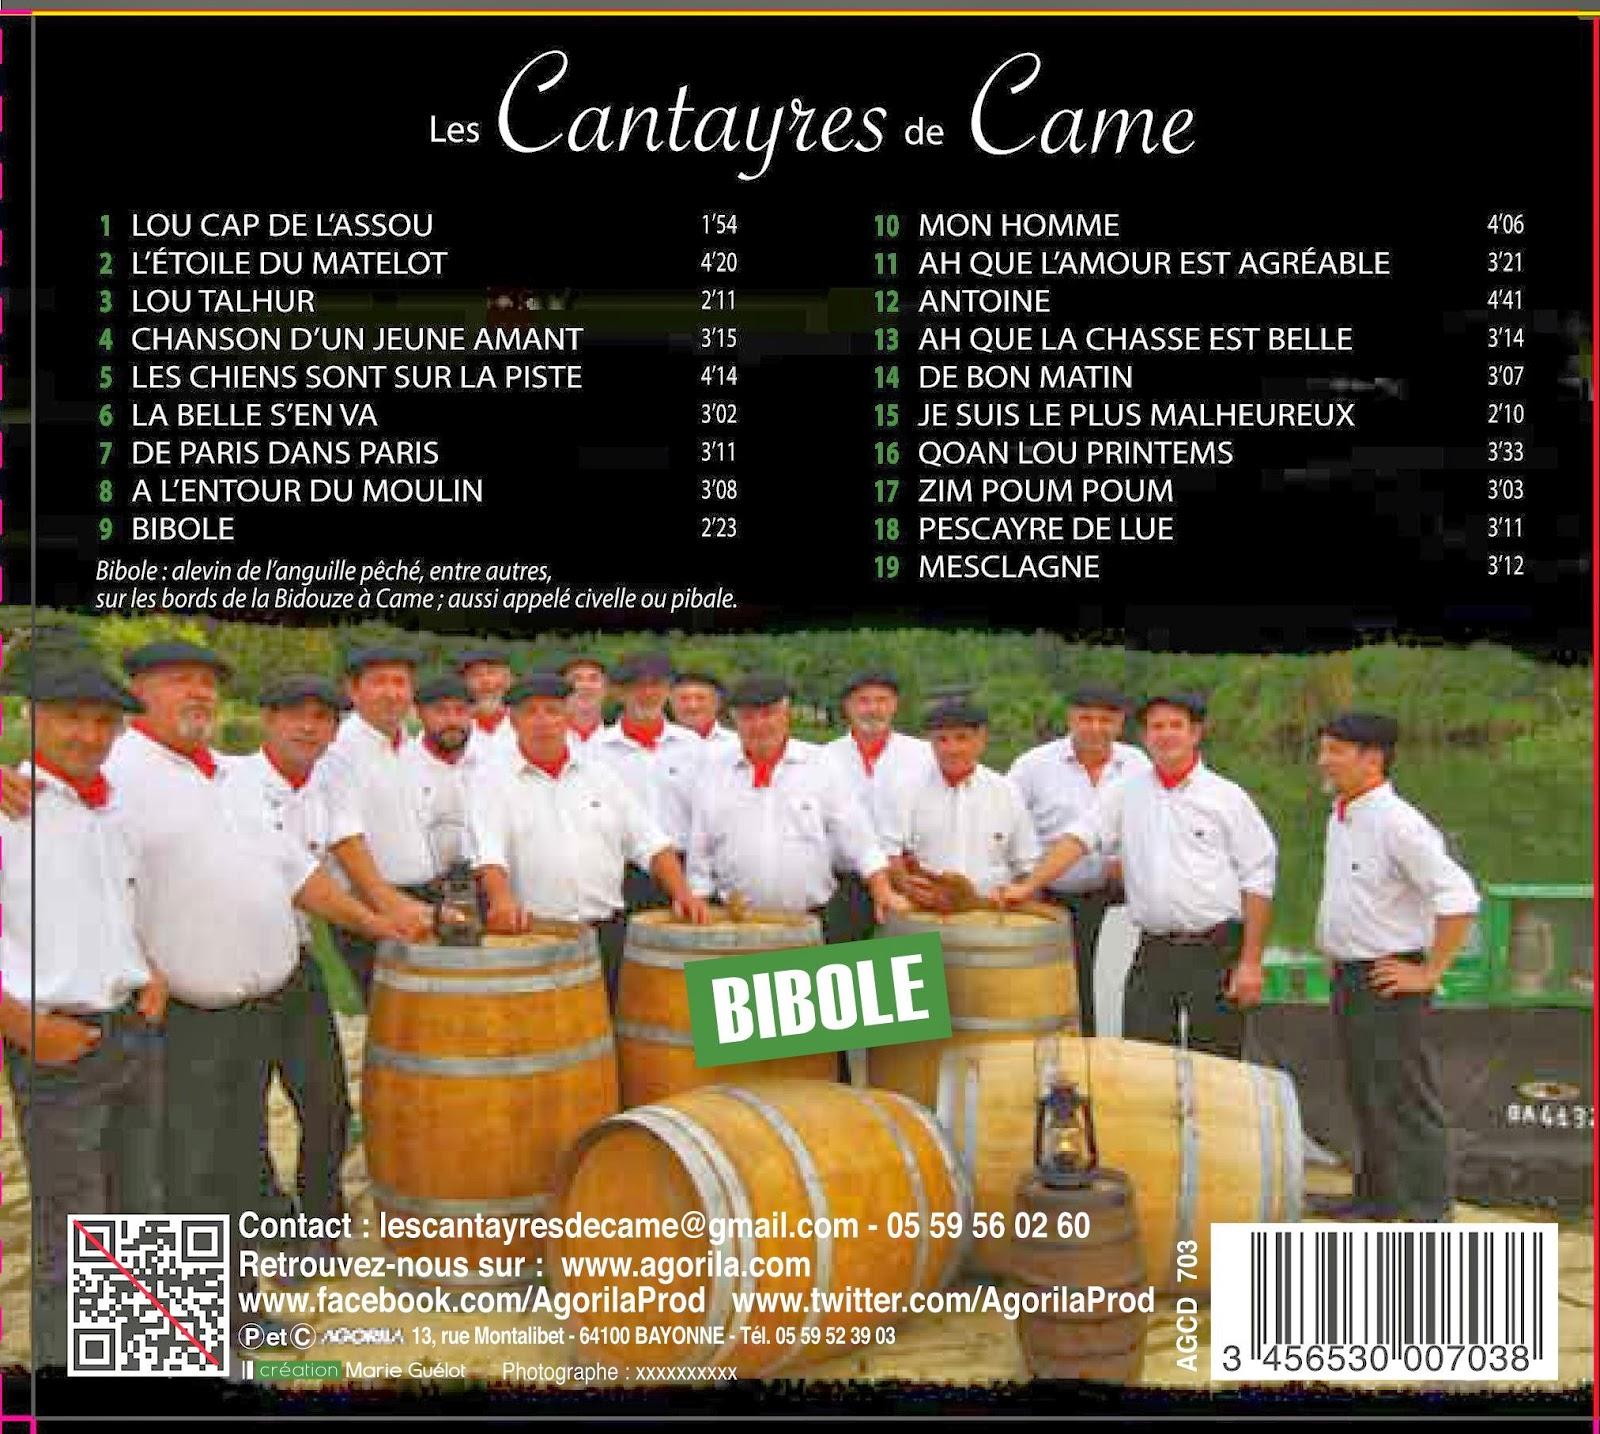 http://www.mairie-came.fr/les-cantayres/en-avant-premiere-mondiale-un-extrait-du-cd-des-cantayres-135.html